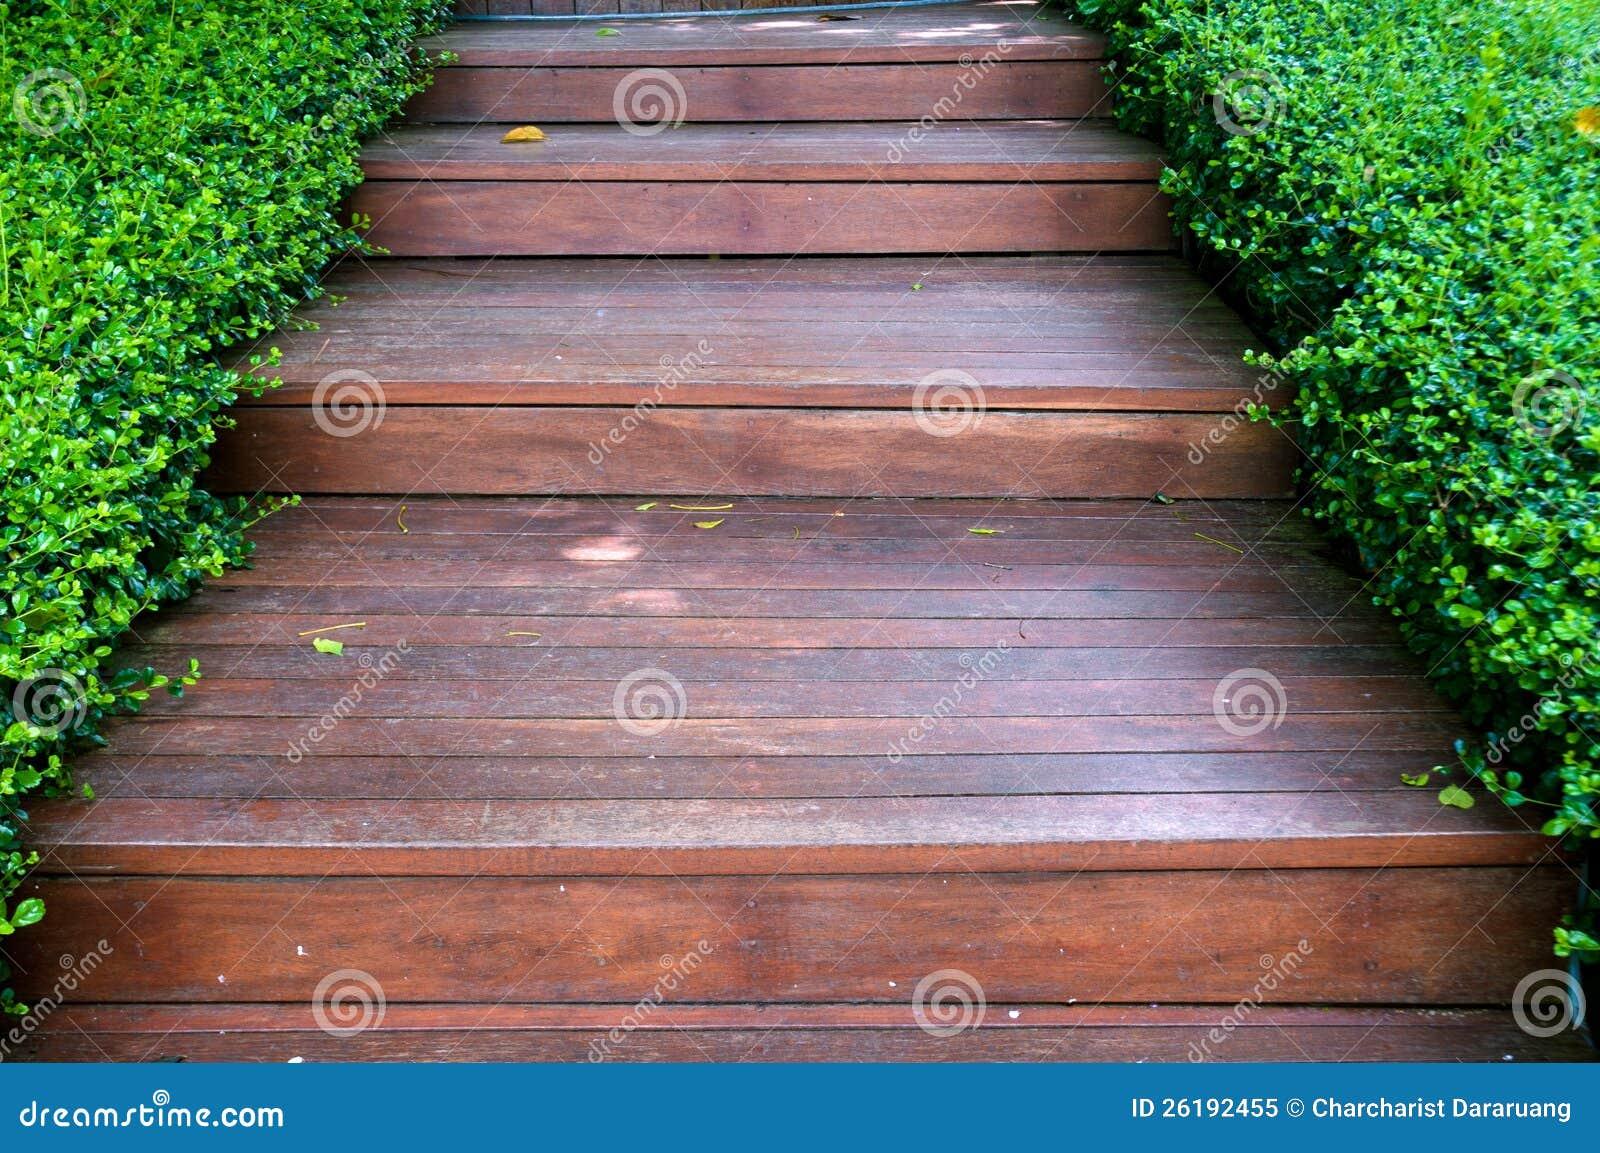 Passerella in legno per giardino bb73 regardsdefemmes - Scala da giardino ...